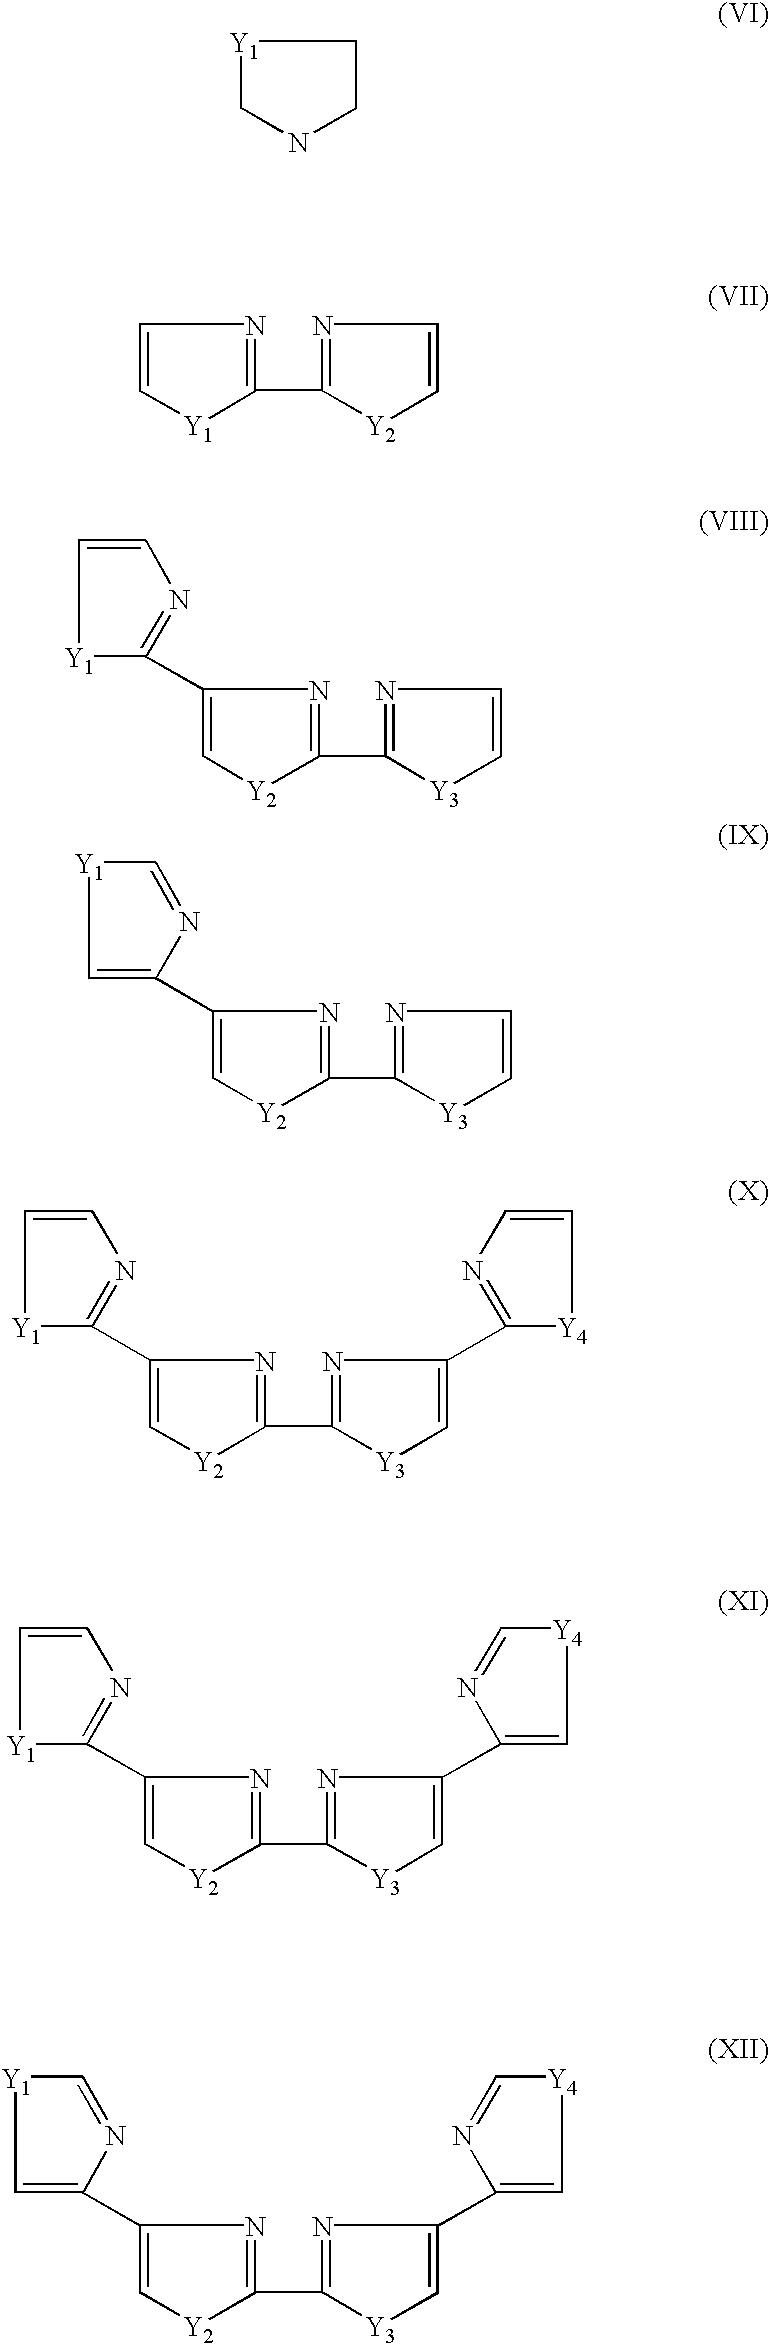 Figure US20030199744A1-20031023-C00005